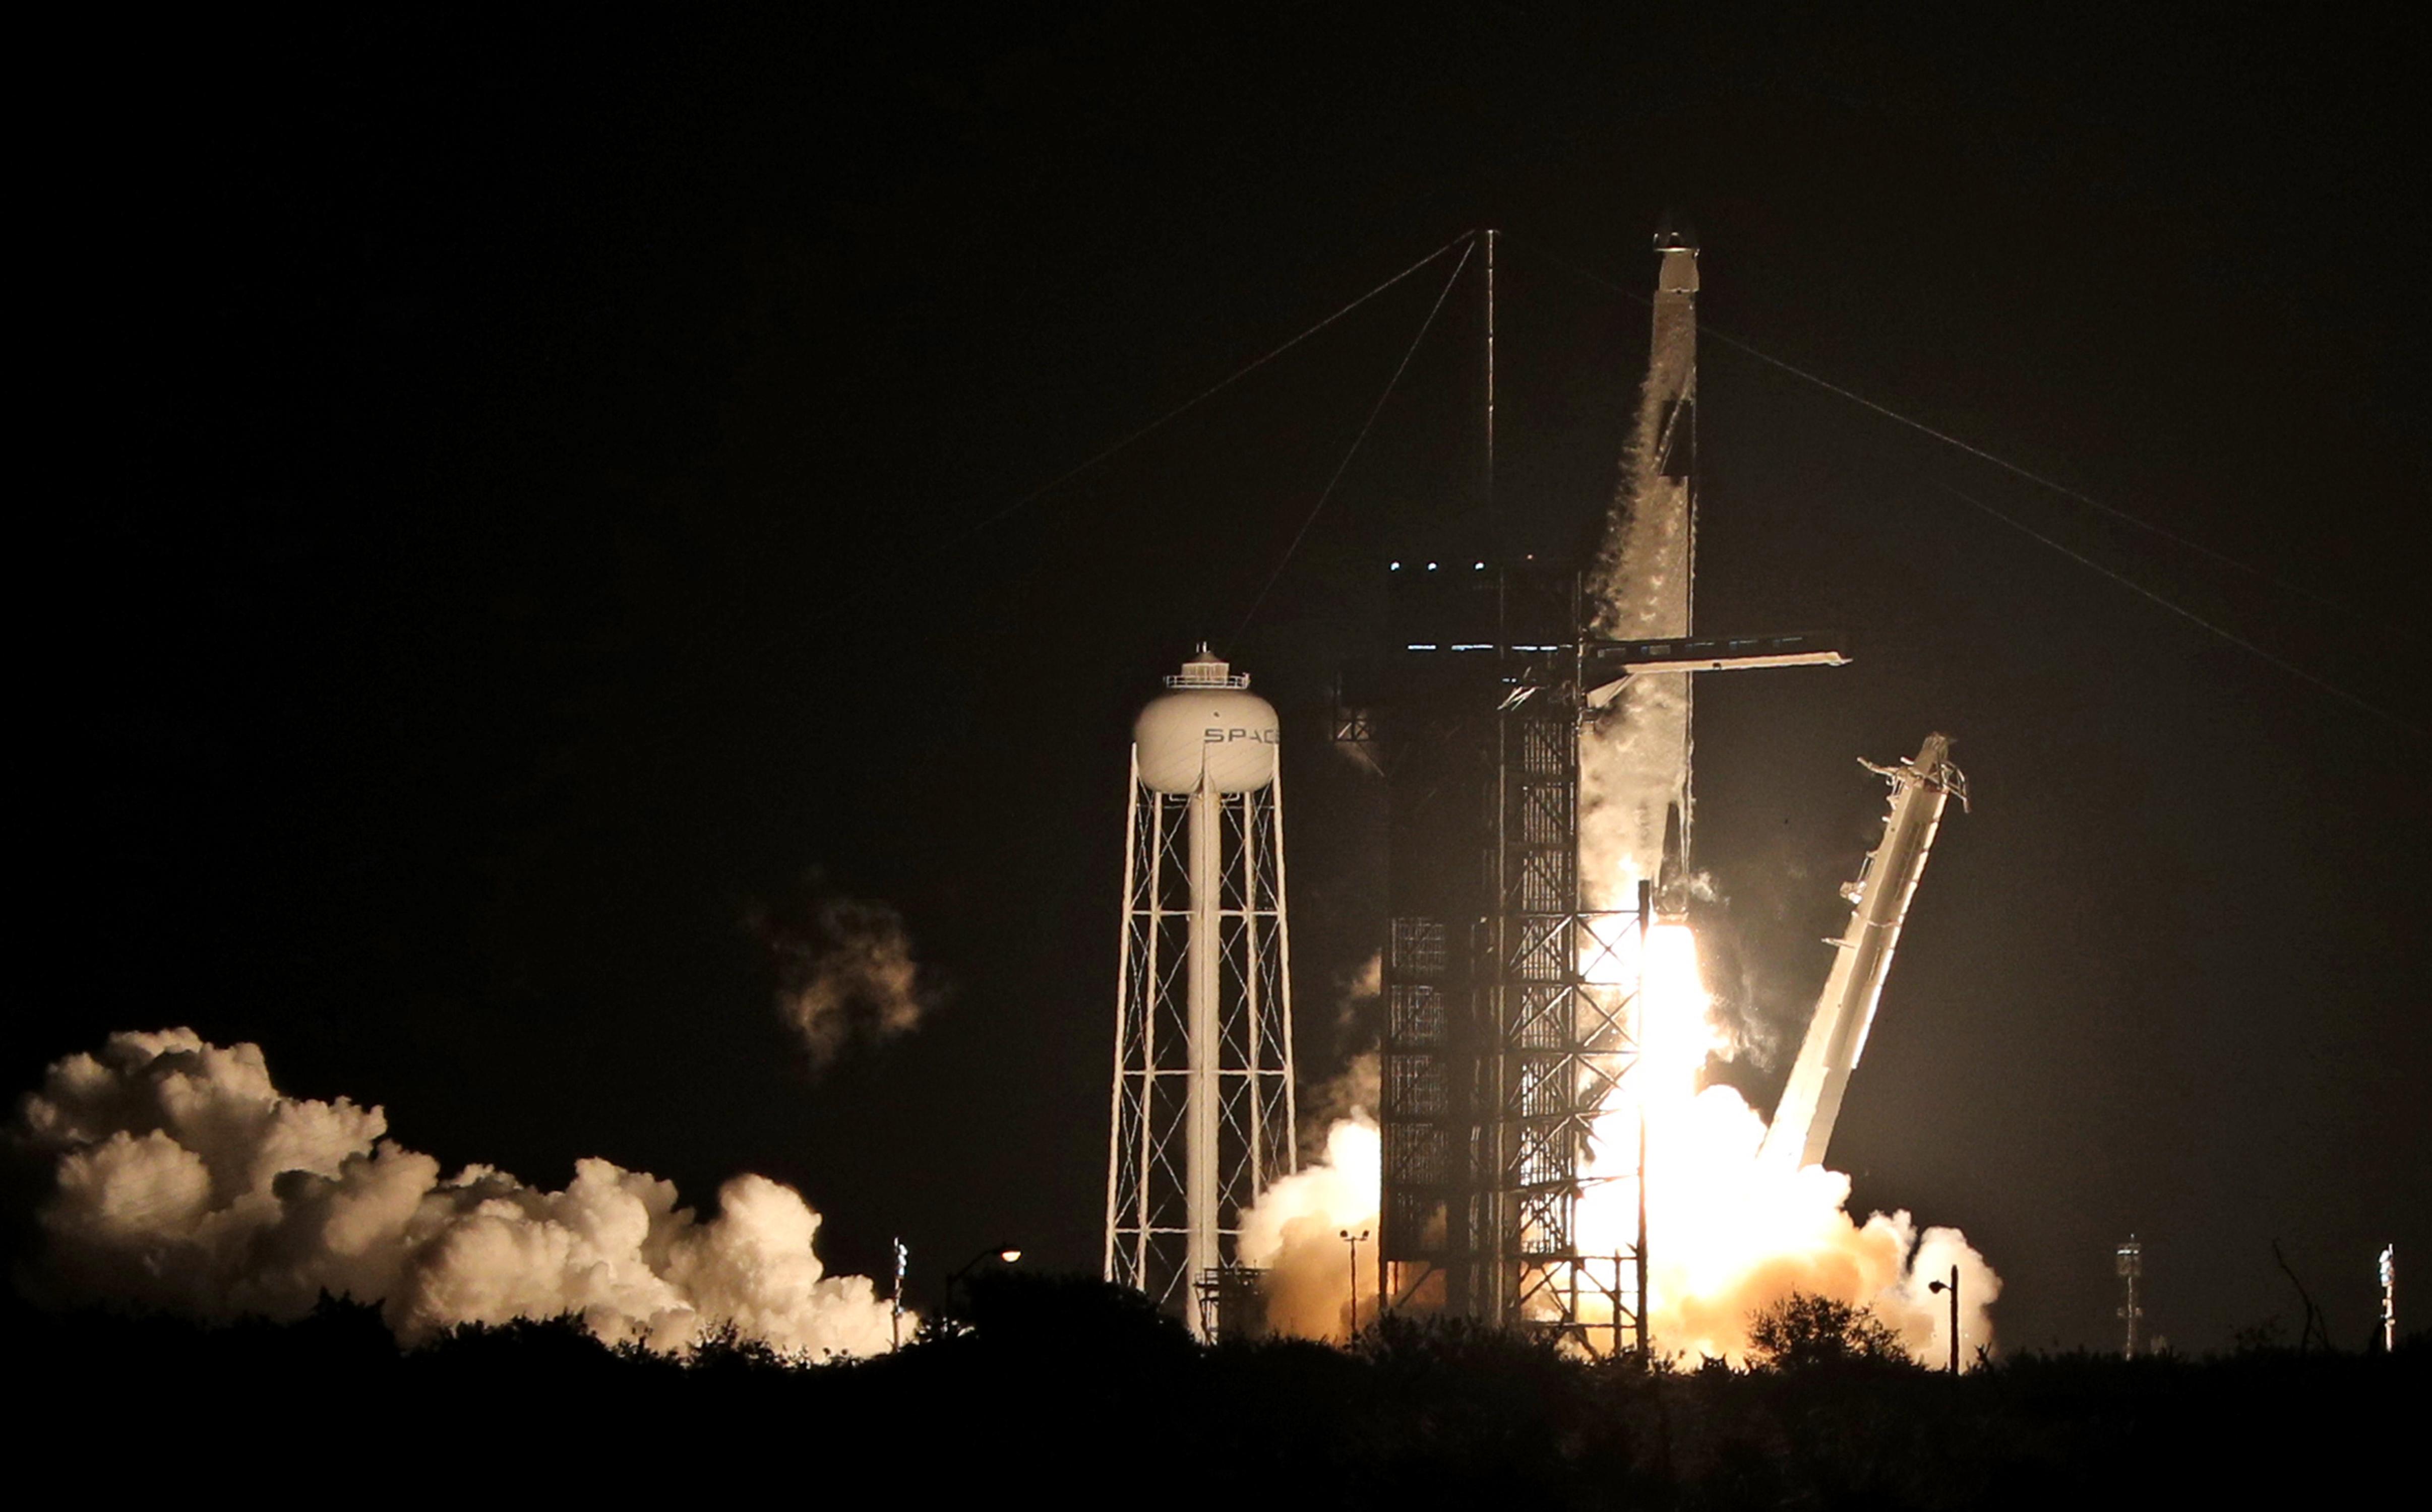 Négy űrhajóst lőtt ki a Nemzetközi Űrállomásra a SpaceX